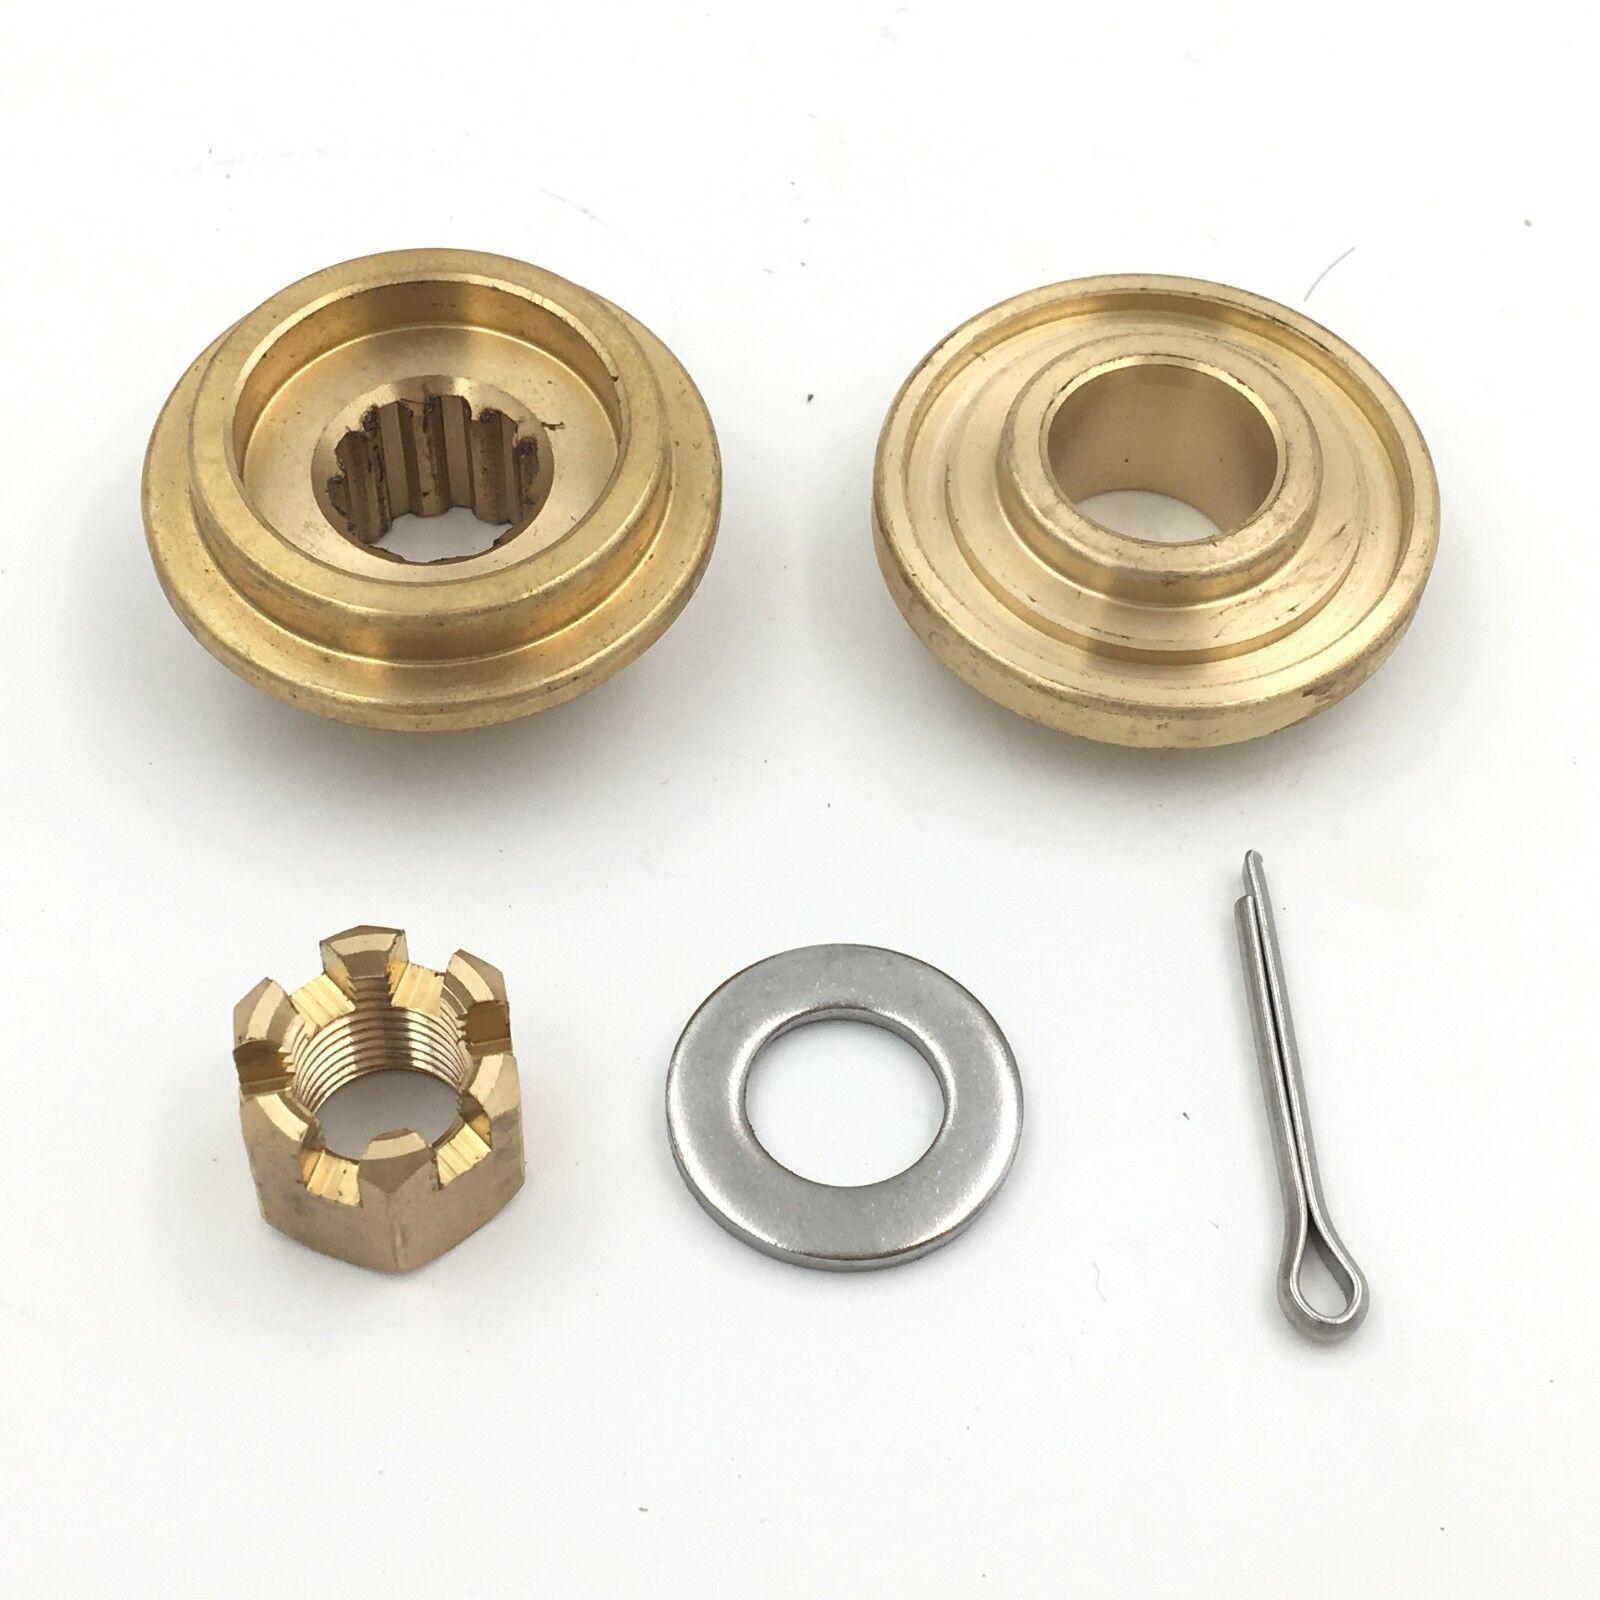 Propeller Hardware Kits Thrust Washer/Spacer/Nut for SUZUKI 9.9-15HP